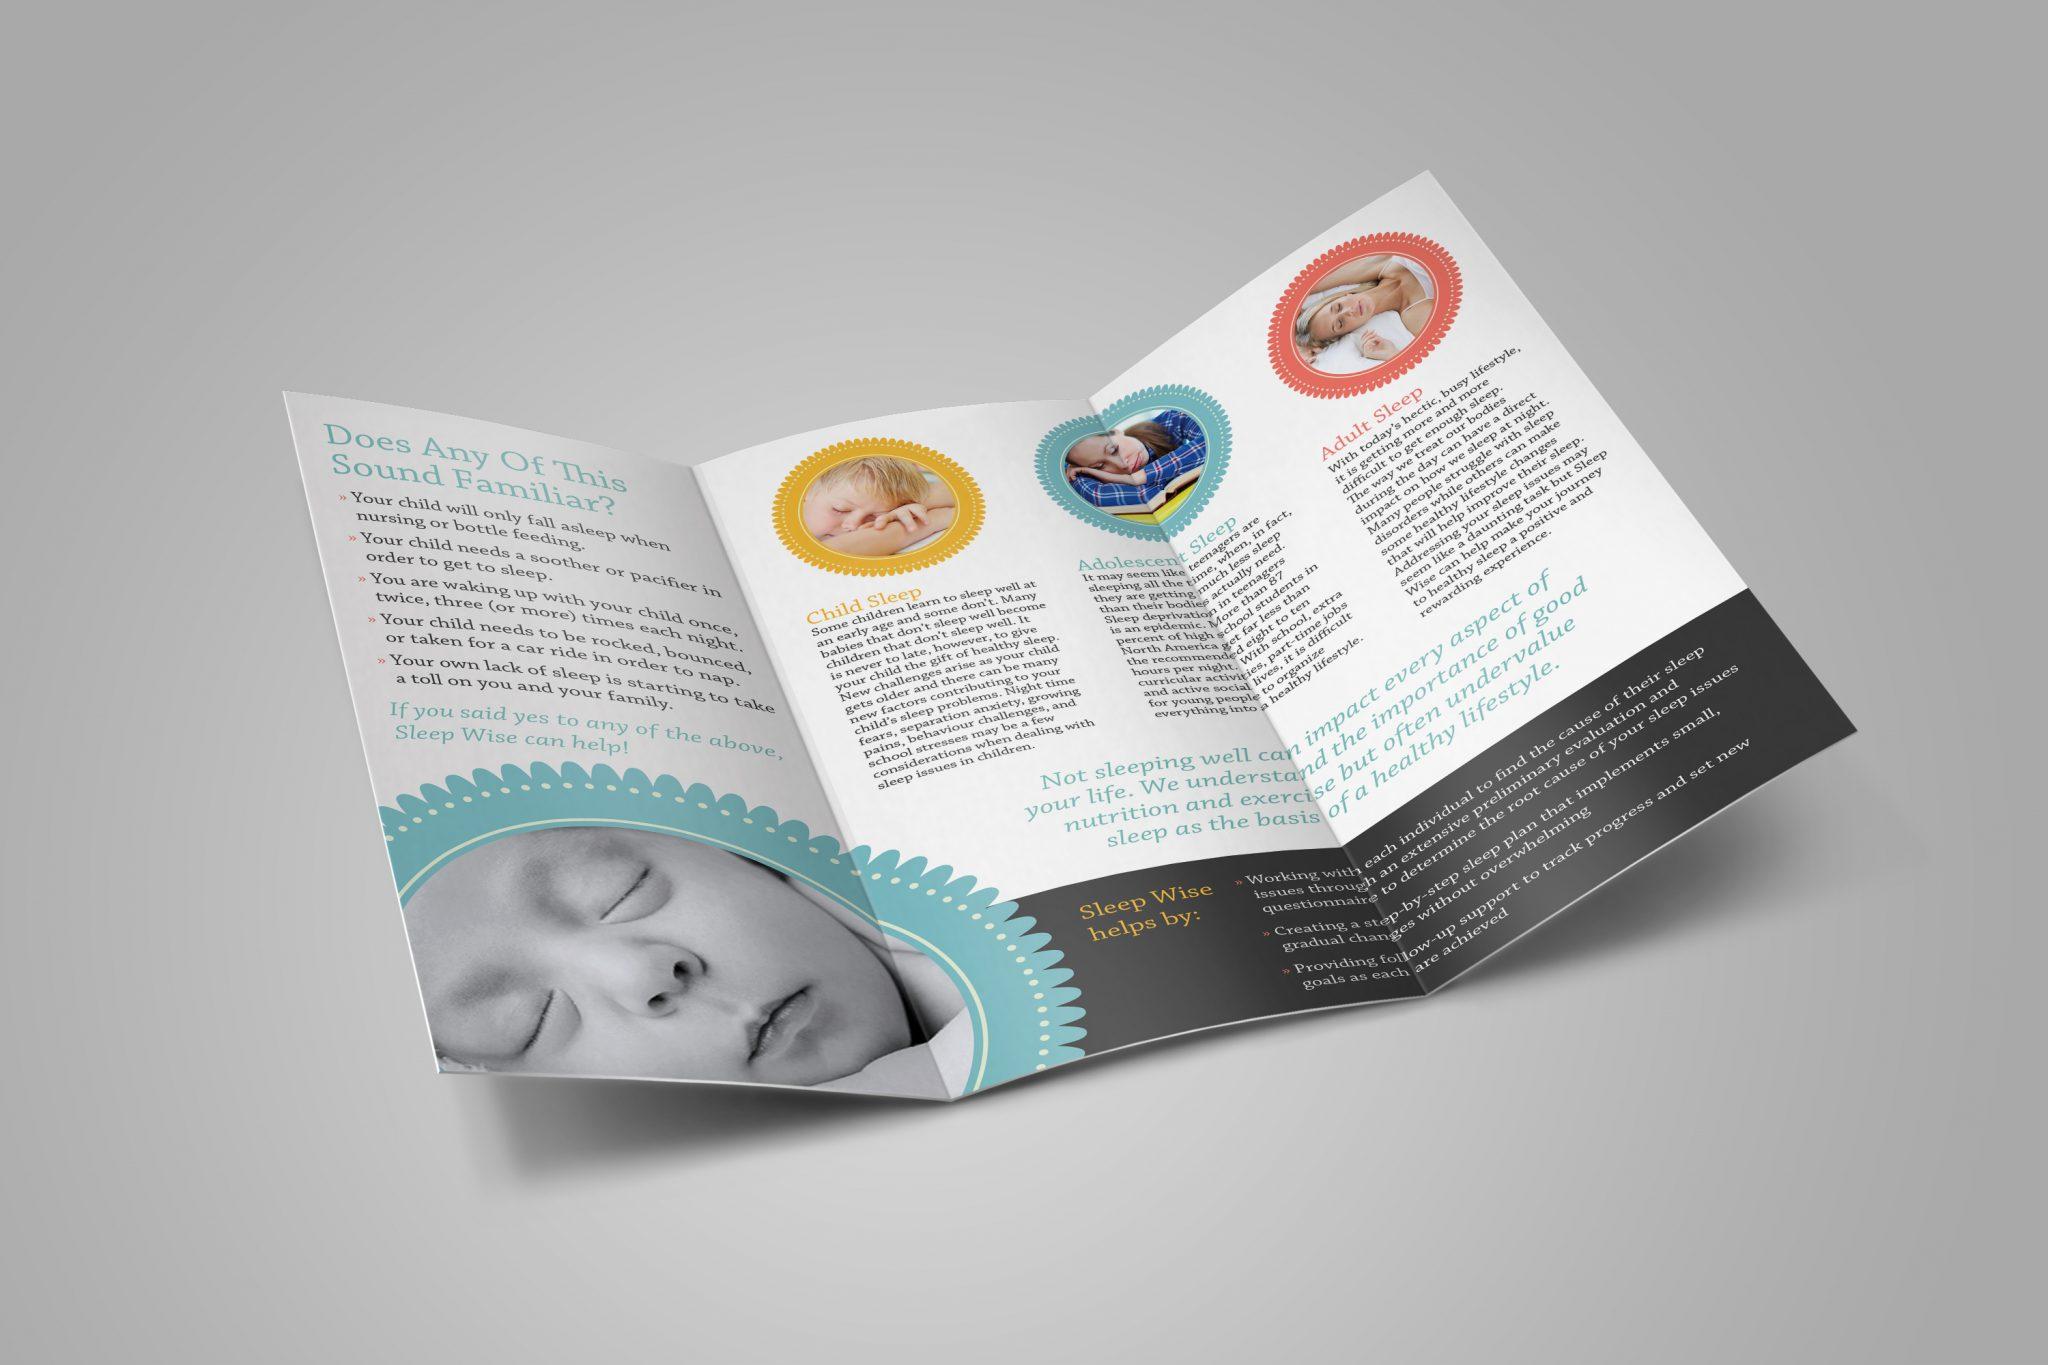 SleepWise brochure inside